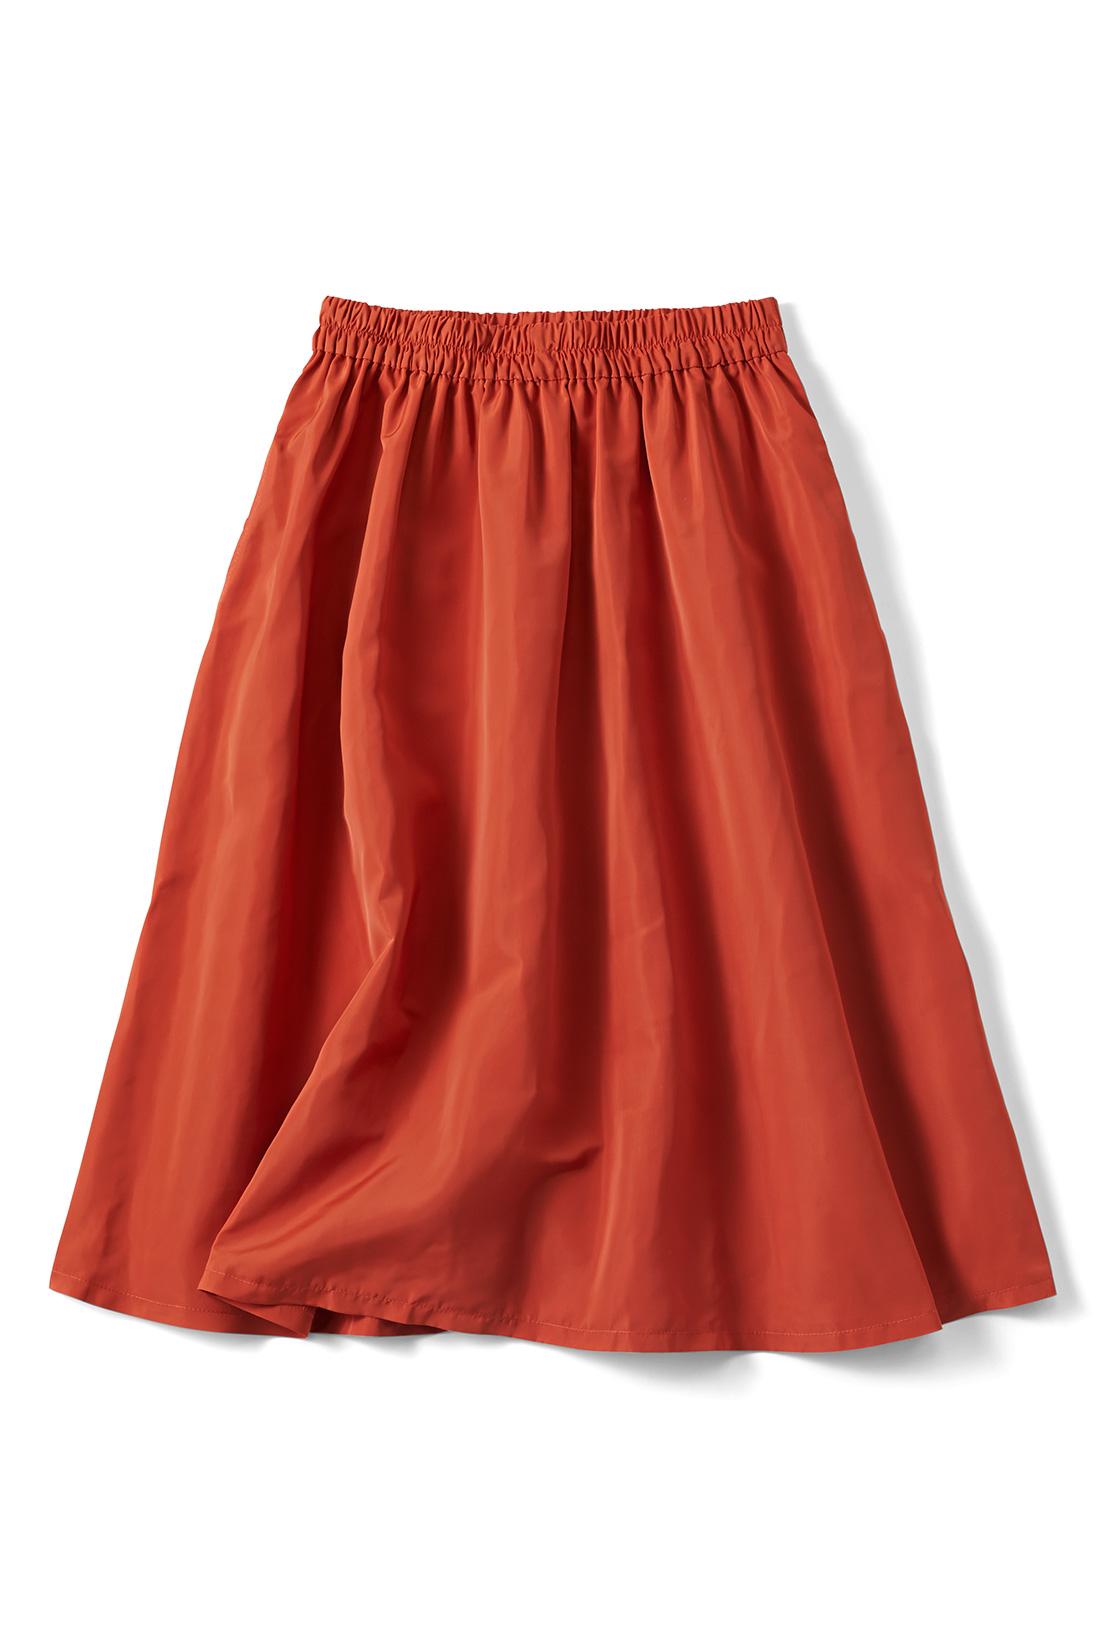 【オレンジトマト】暗くなりがちな秋冬コーデにぴりっとインパクト。シャカっとした素材です。便利なポケット付き。